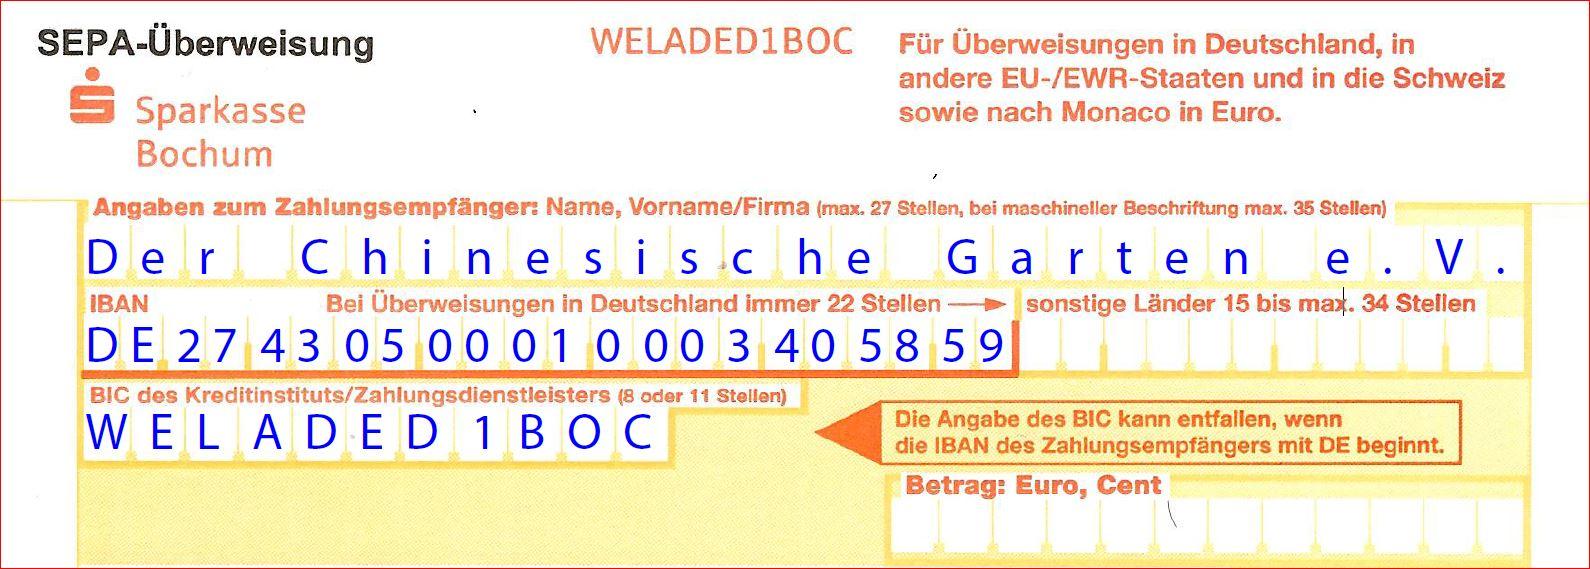 Routing number deutsch / Bit mining computer